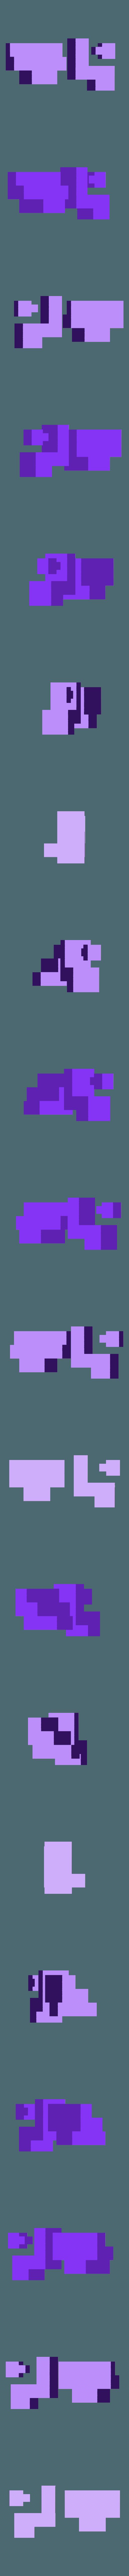 """Odyssey-Gold_parts.stl Télécharger fichier STL gratuit 8 bits style """"Odyssée"""" - Parties séparées (pas besoin de colle) • Plan imprimable en 3D, conceptify"""